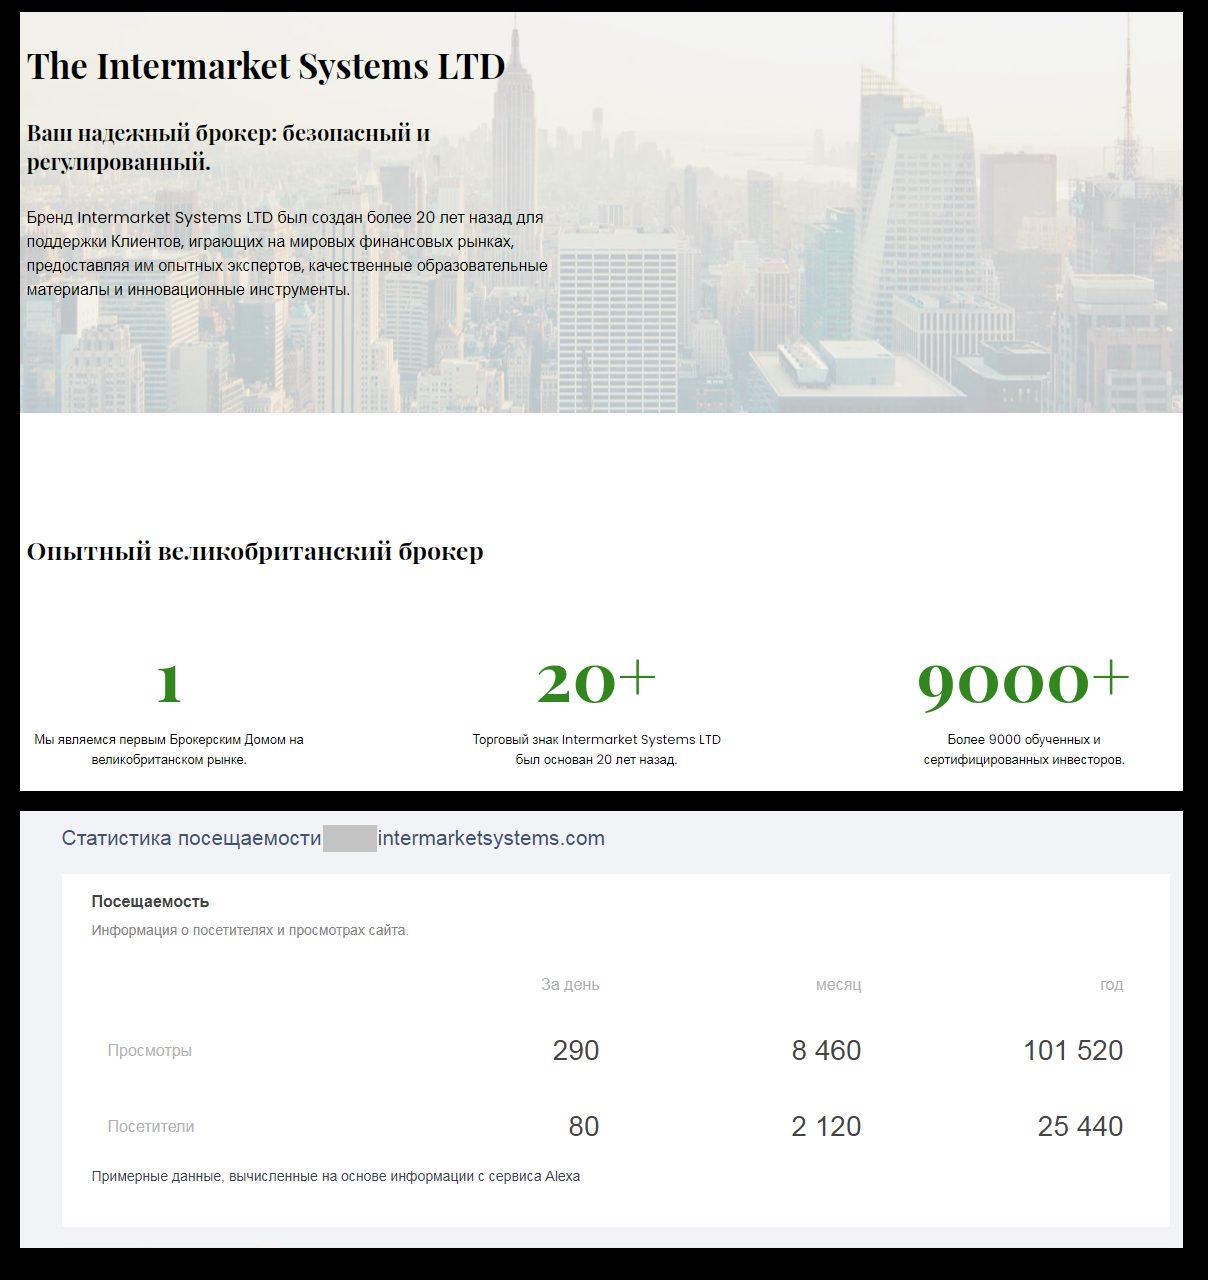 Годовая посещаемость сайта «брокерского дома №1» не превышает 30000 пользователей